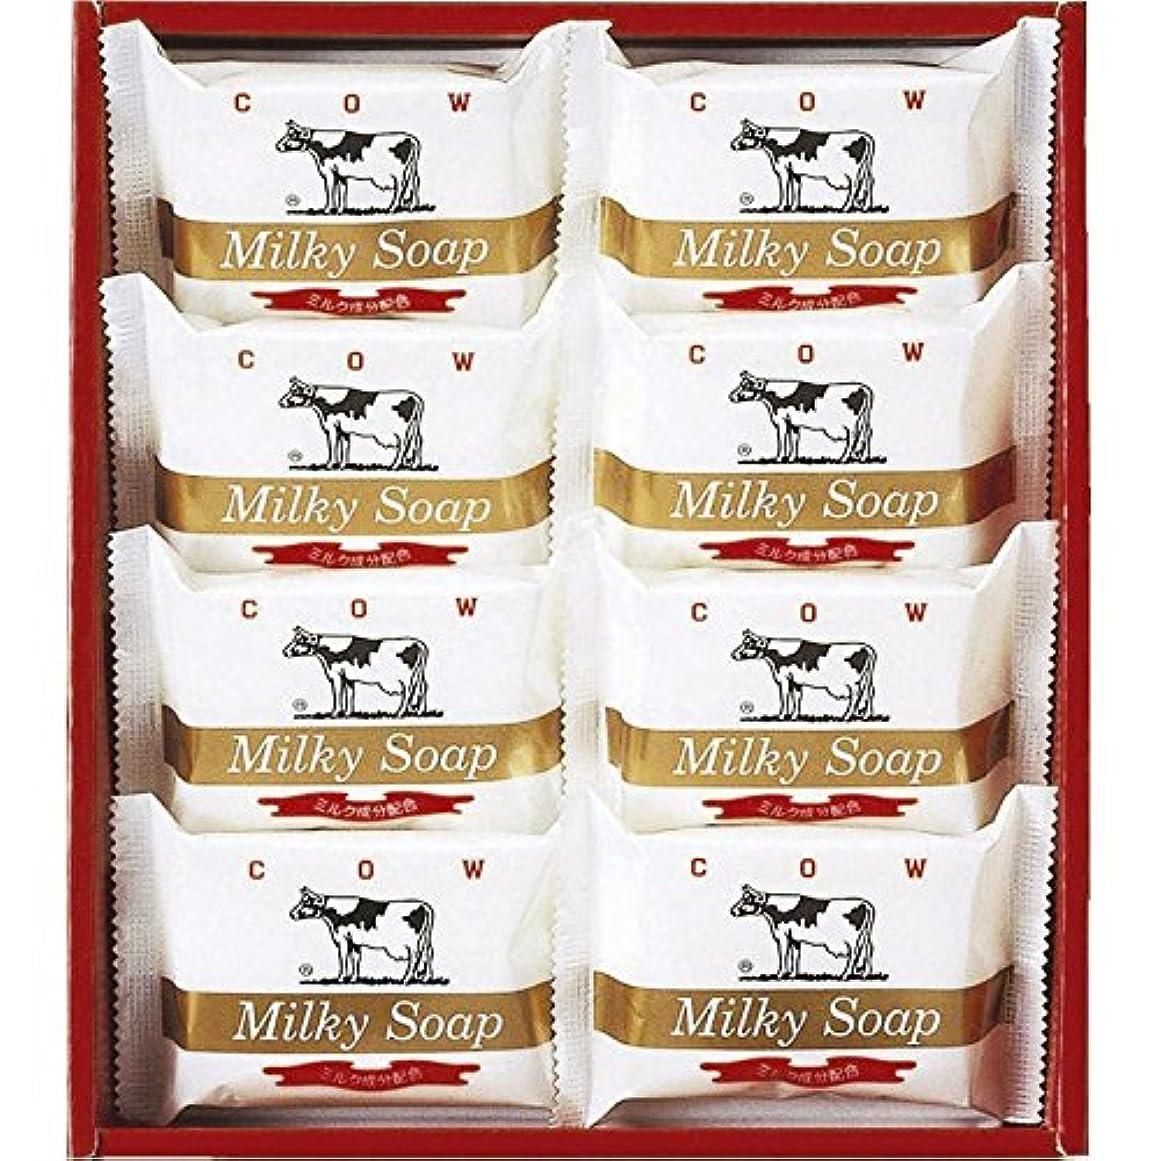 レンジ確かにゆりかご牛乳石鹸 ゴールドソープセット 【固形 ギフト せっけん あわ いい香り いい匂い うるおい プレゼント お風呂 かおり からだ きれい つめあわせ かうぶらんど 1000】